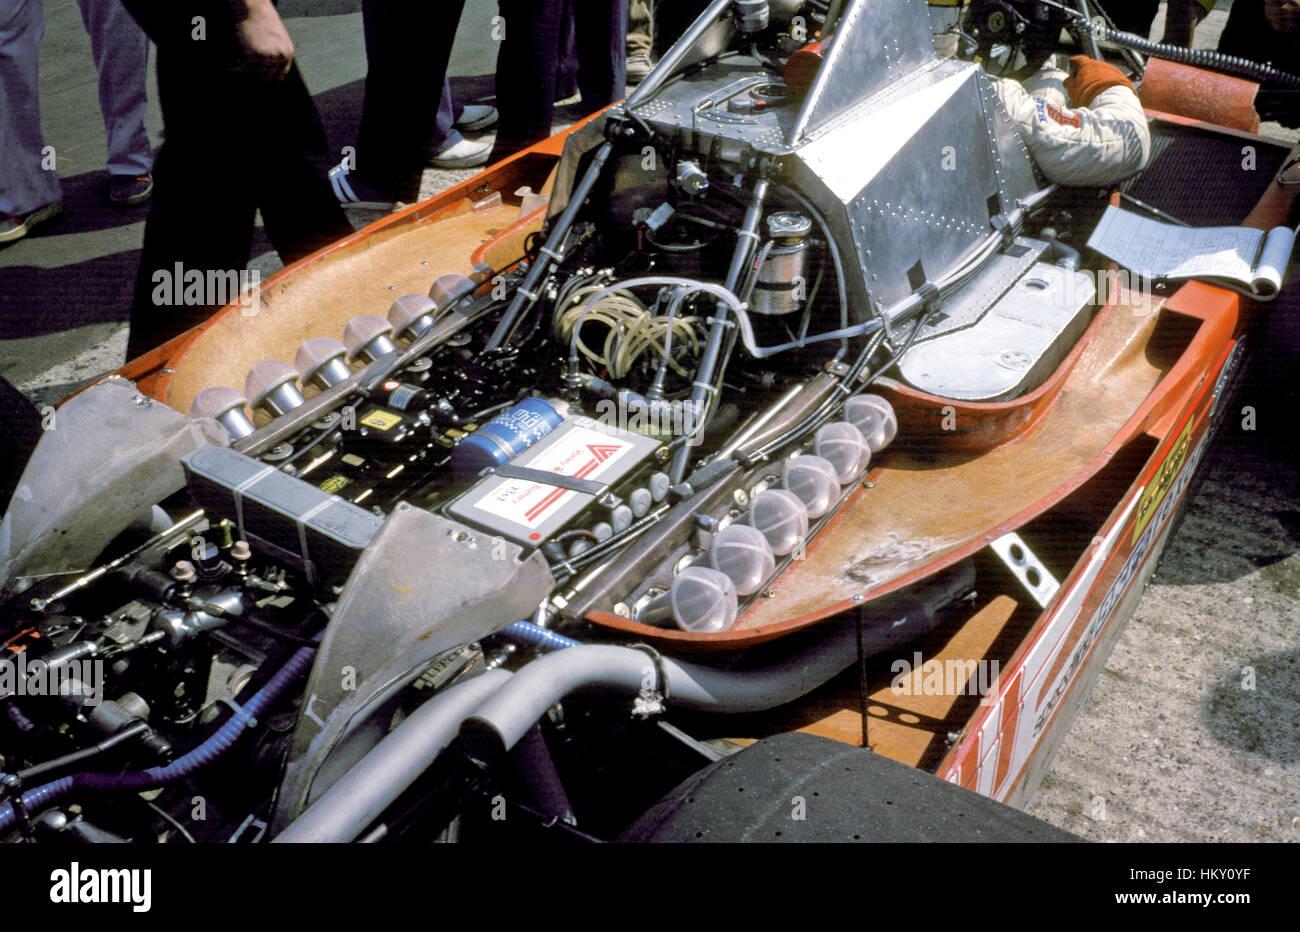 1975 Ferrari 312T Motor GG - Stock Image